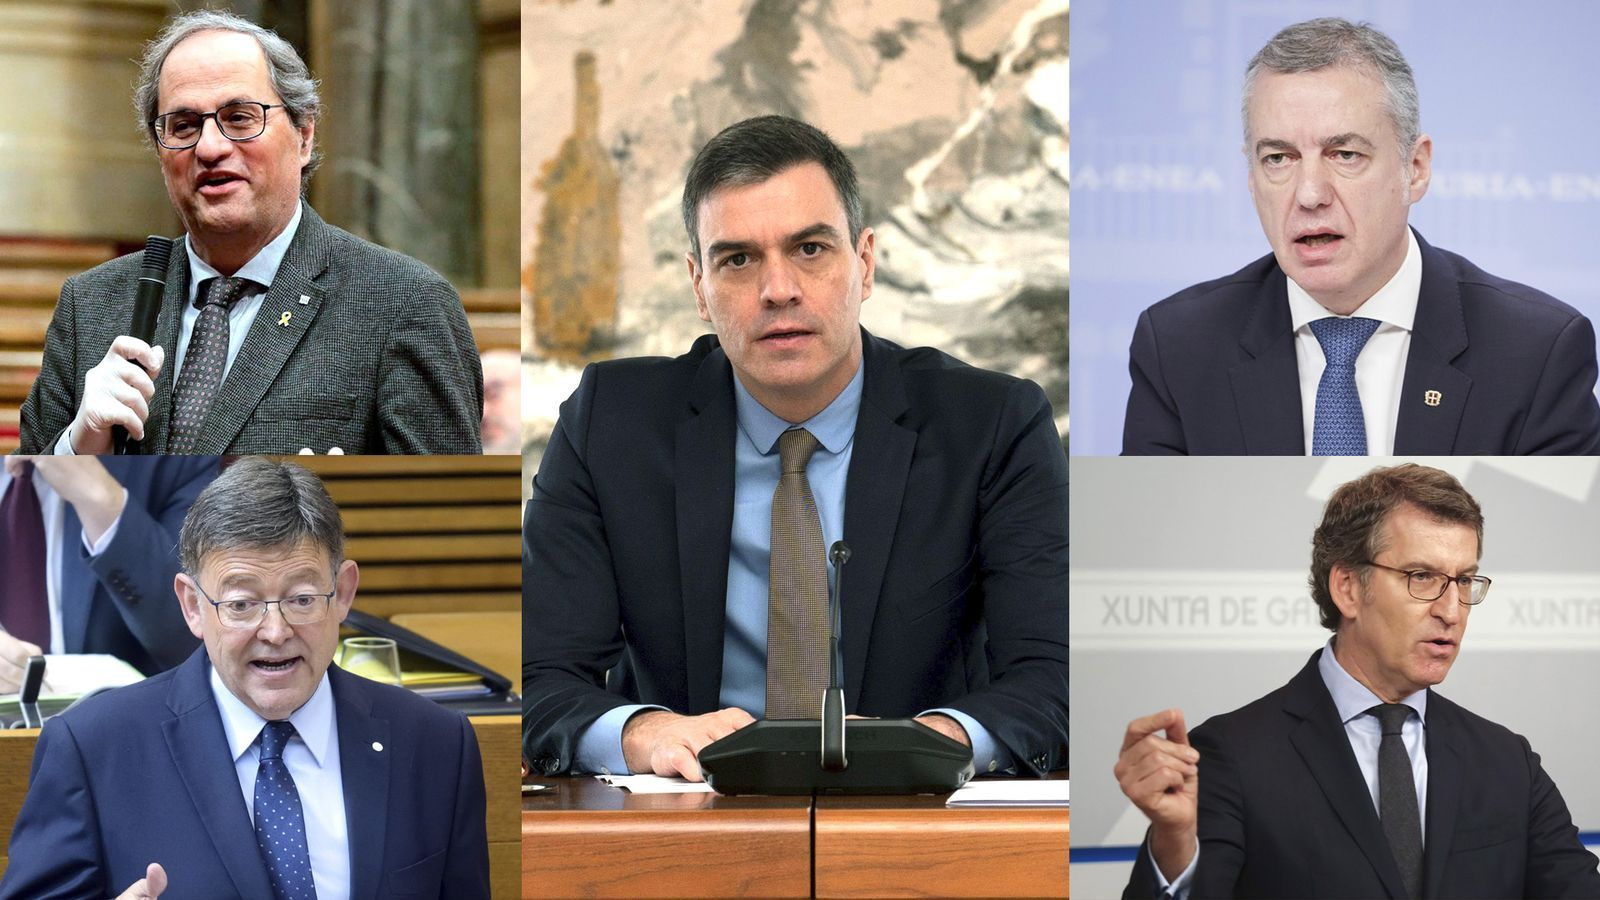 L'anàlisi d'Antoni Bassas: 'Sánchez, si escoltessis no hauries de rectificar'